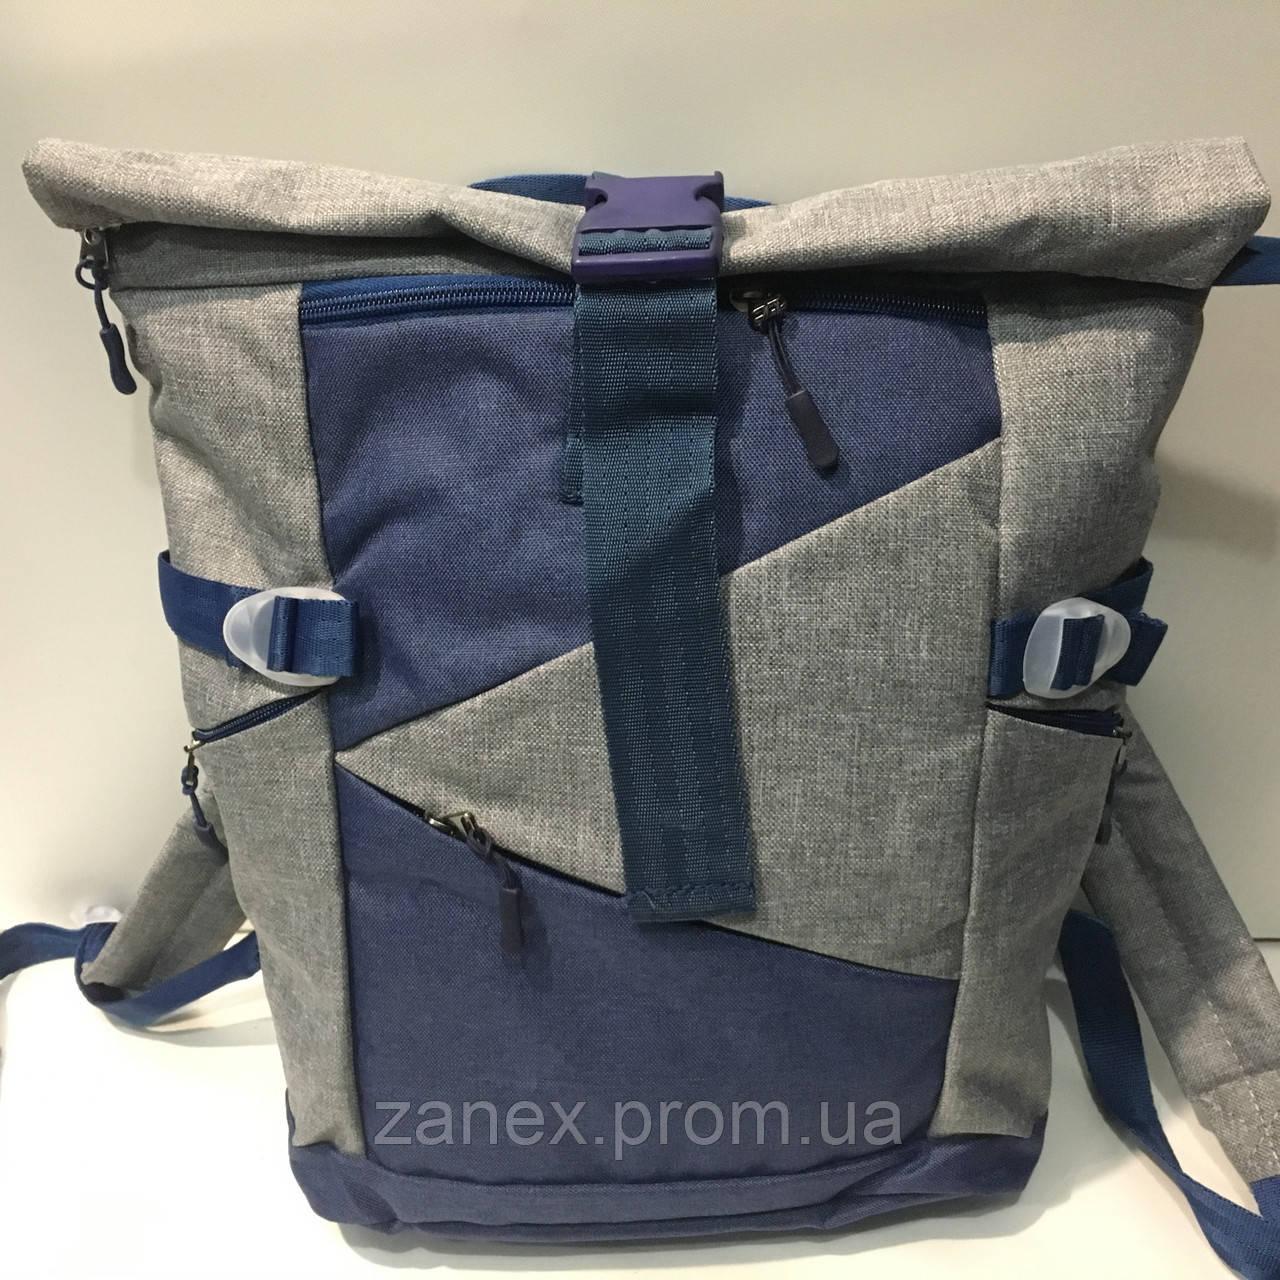 Рюкзак Zanex серый с синим